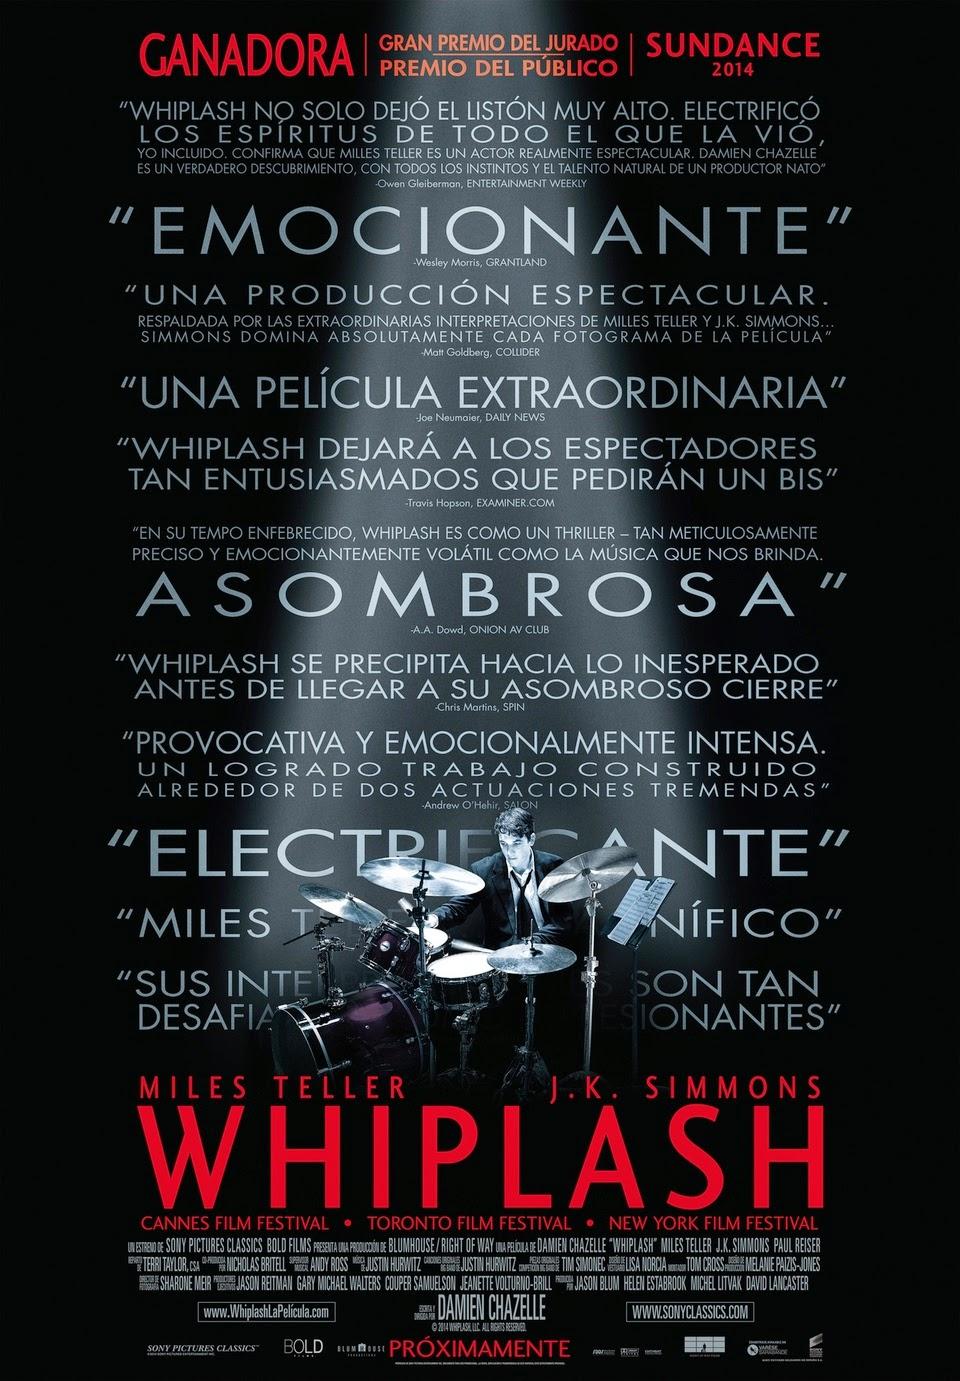 http://accionycine.blogspot.com.es/2015/02/whiplash.html